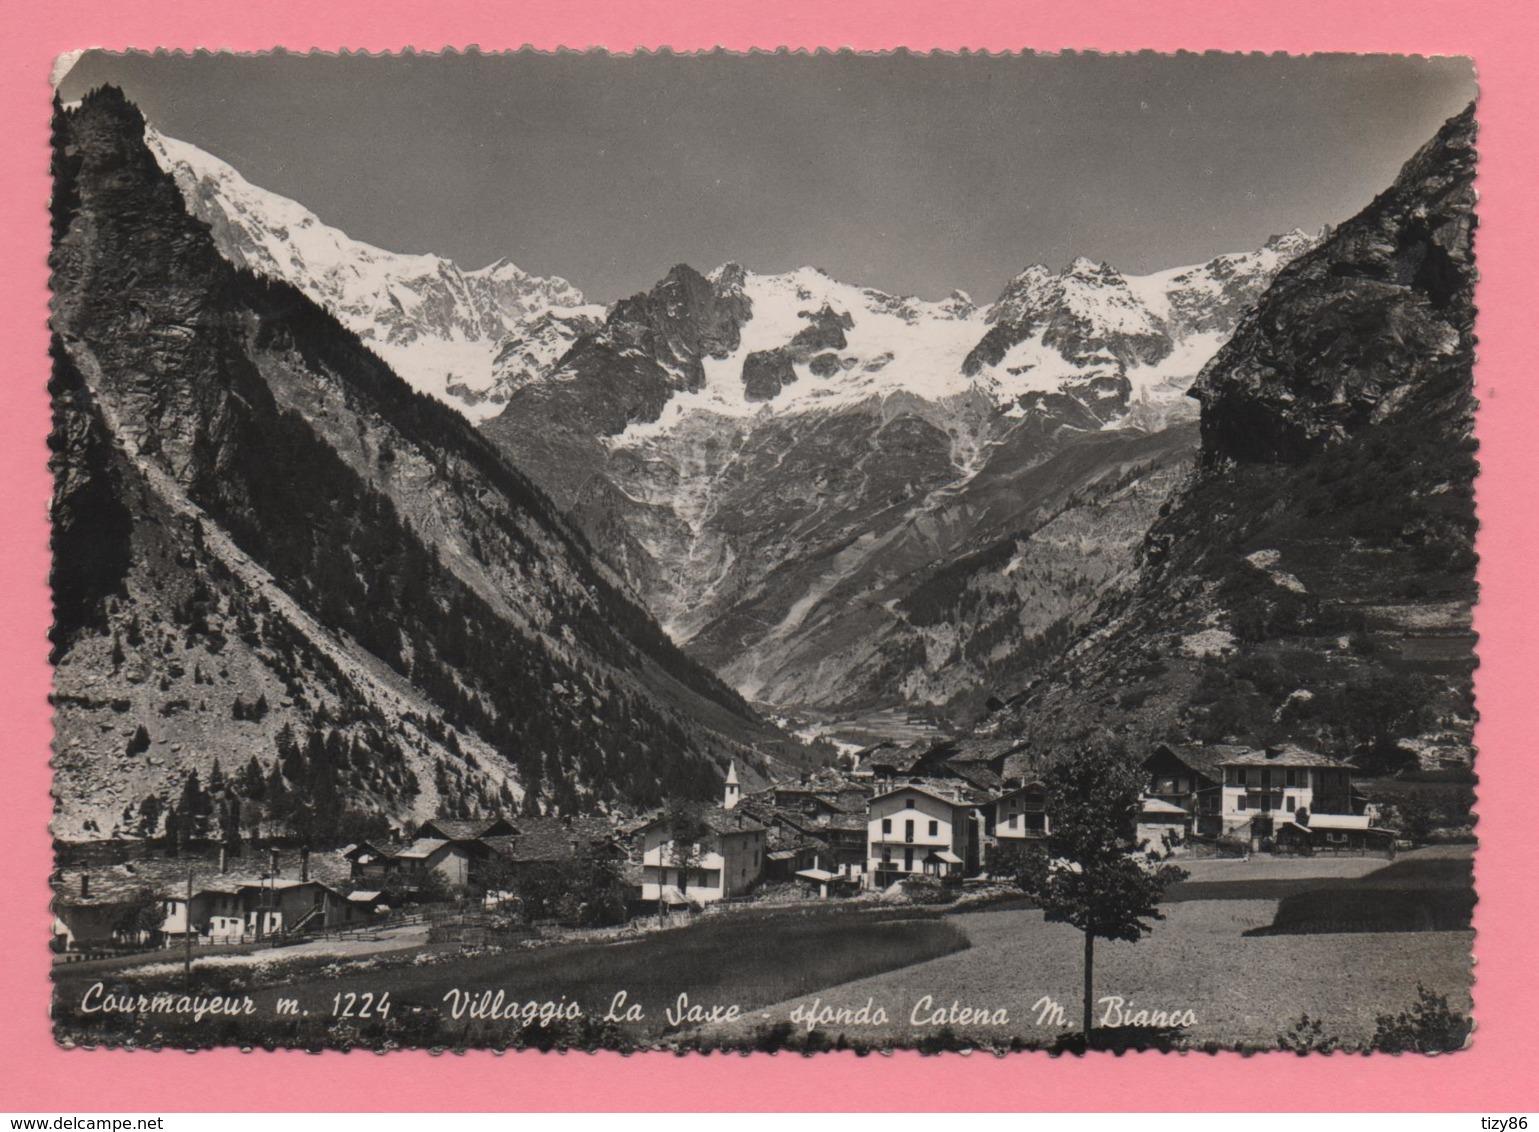 Courmayeur - Villaggio La Saxe - Sfondo Catena M. Bianco - Altre Città